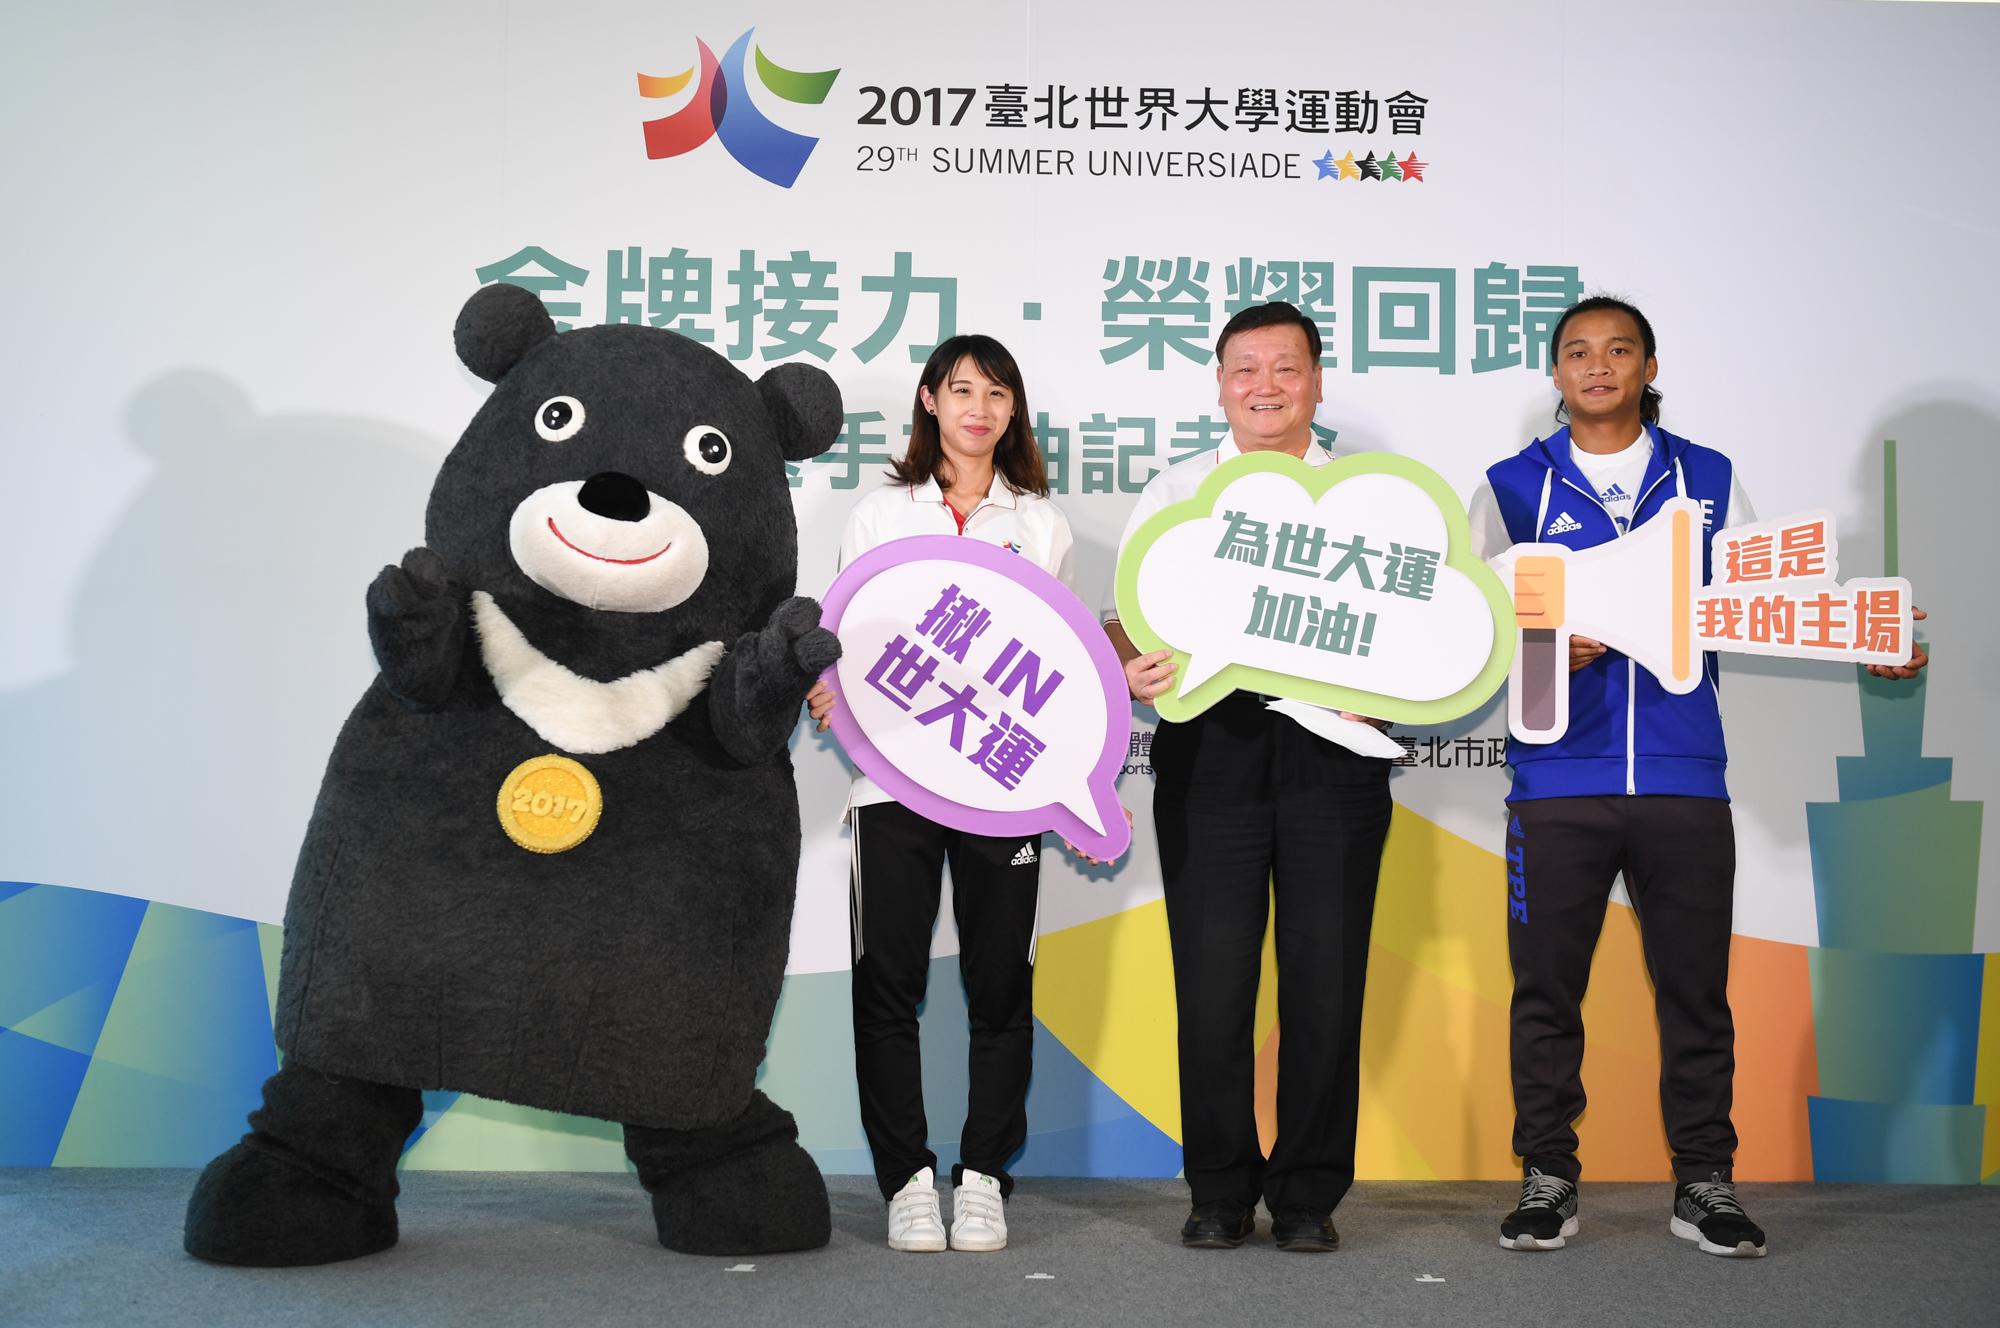 體育局長鄭芳梵、林琬婷、宋青陽及熊讚合影,期許全民進場加油,捍衛中華隊主場。